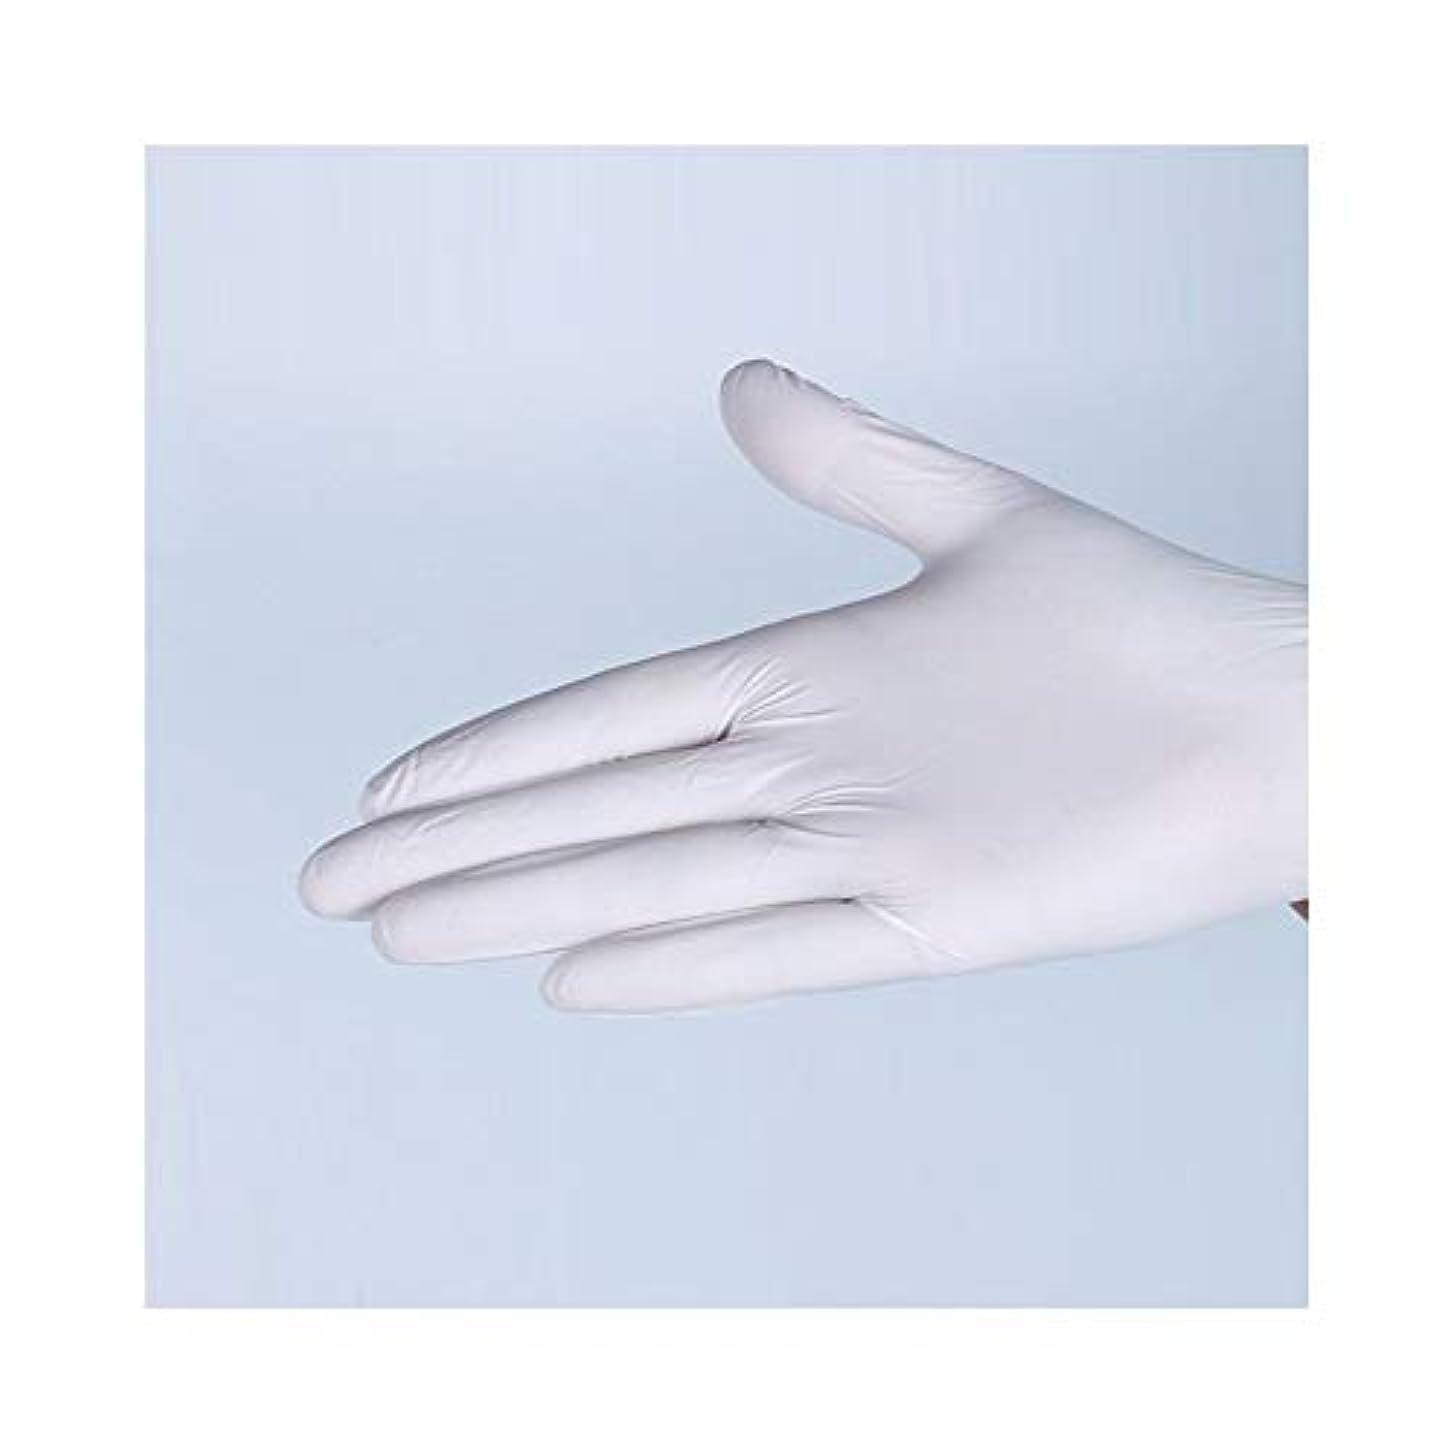 教育学高くケーキ使い捨てのパウダーフリー化学実験ニトリル手袋工業労働保護手袋 YANW (Color : White, Size : S)